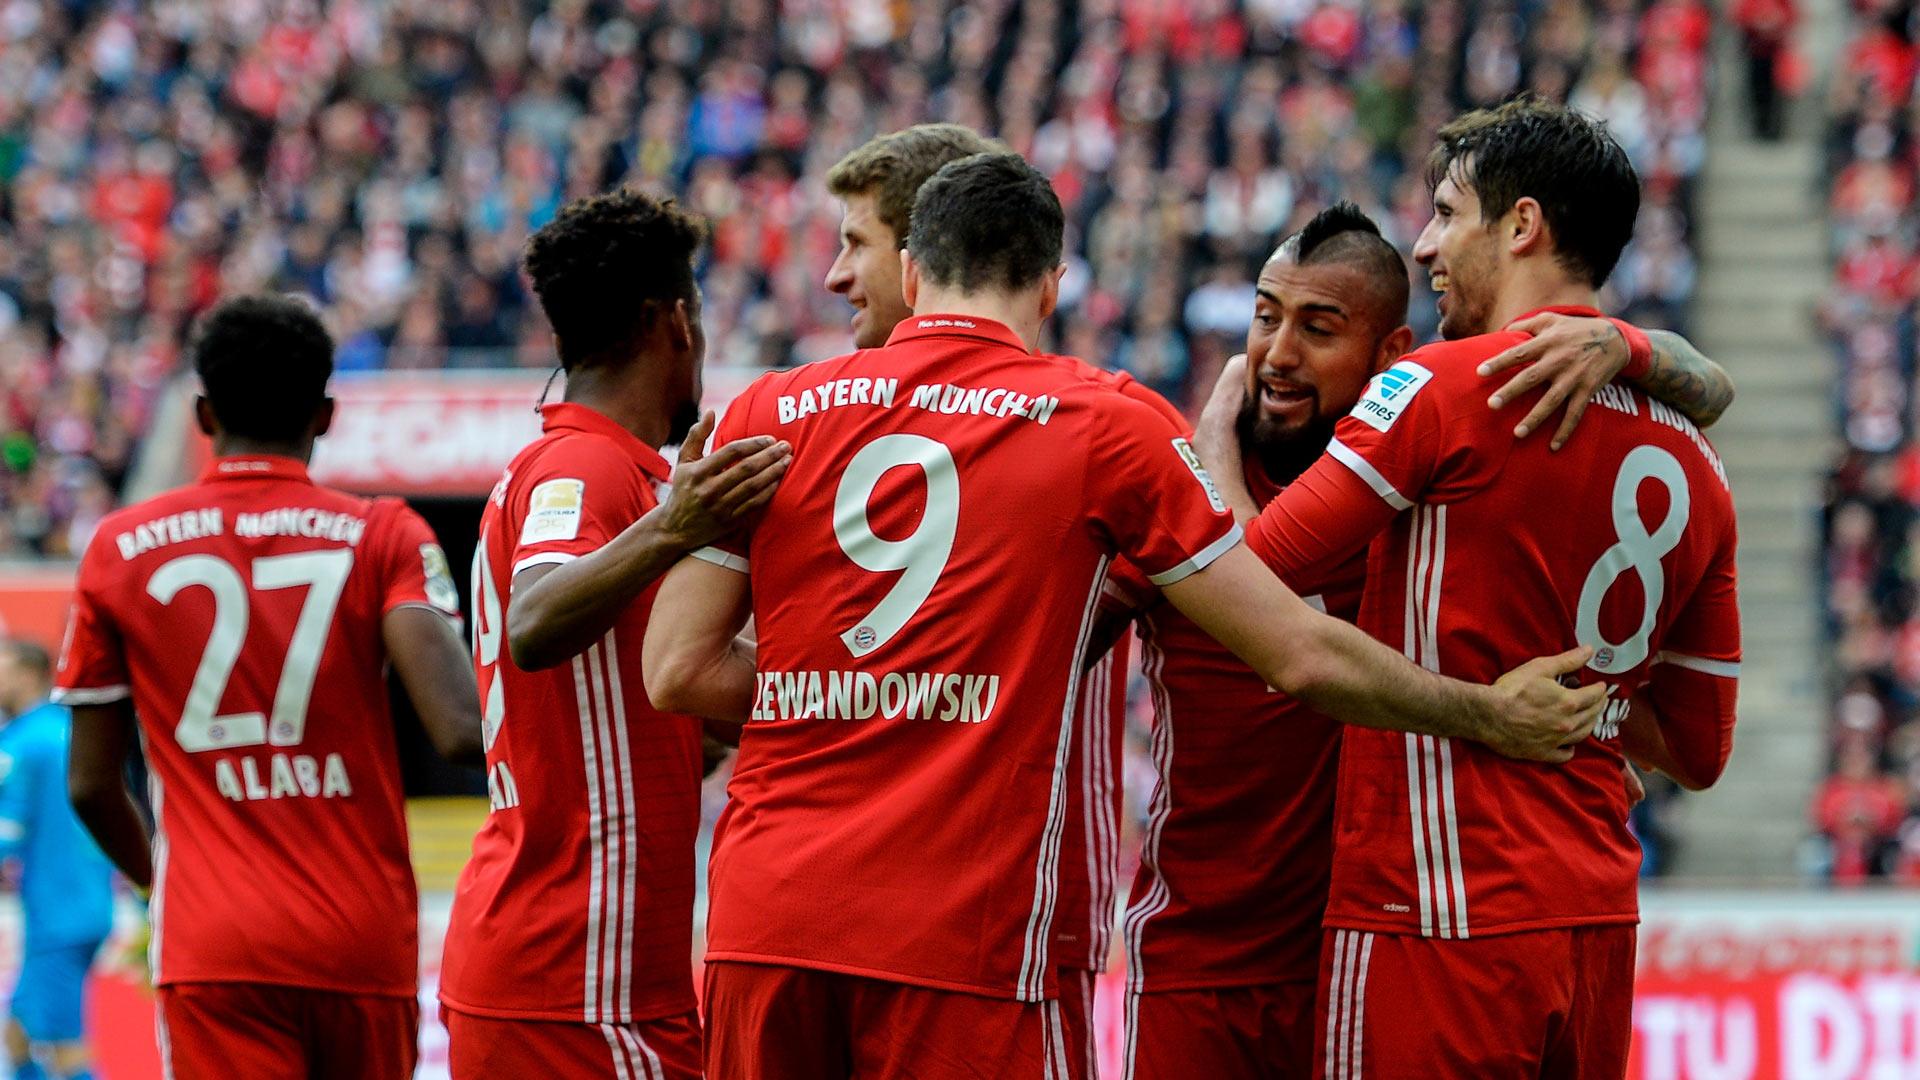 Nhận định, soi kèo Paris SG vs Bayern Munich